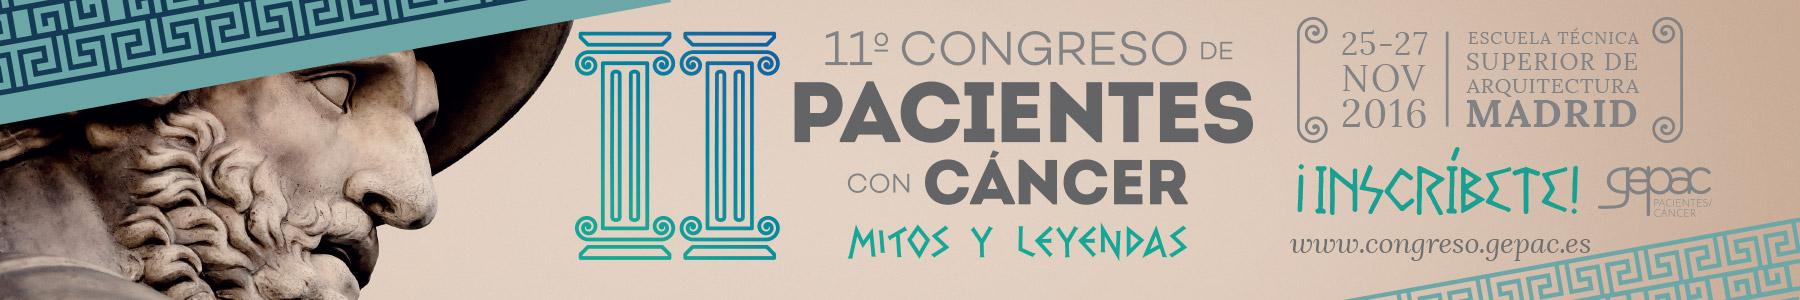 cabecera-1-web-aeal-11-congreso-gepac-2016